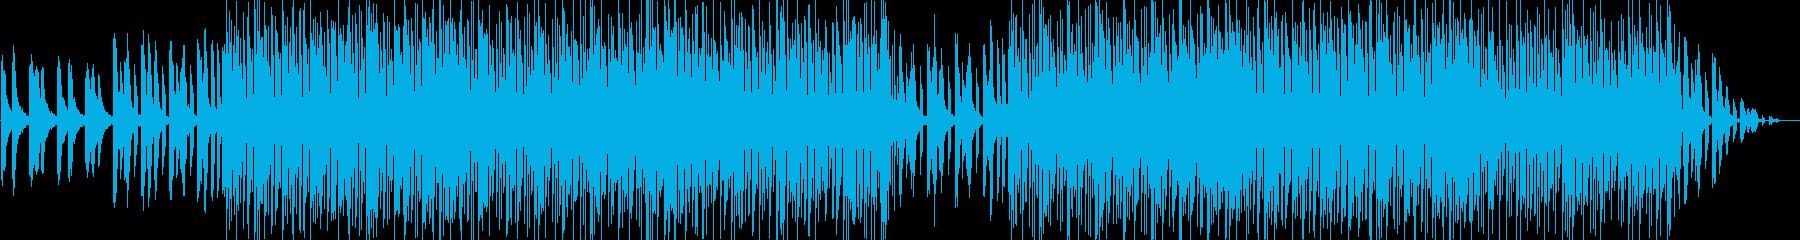 はじける印象シンセポップテクノ系の再生済みの波形